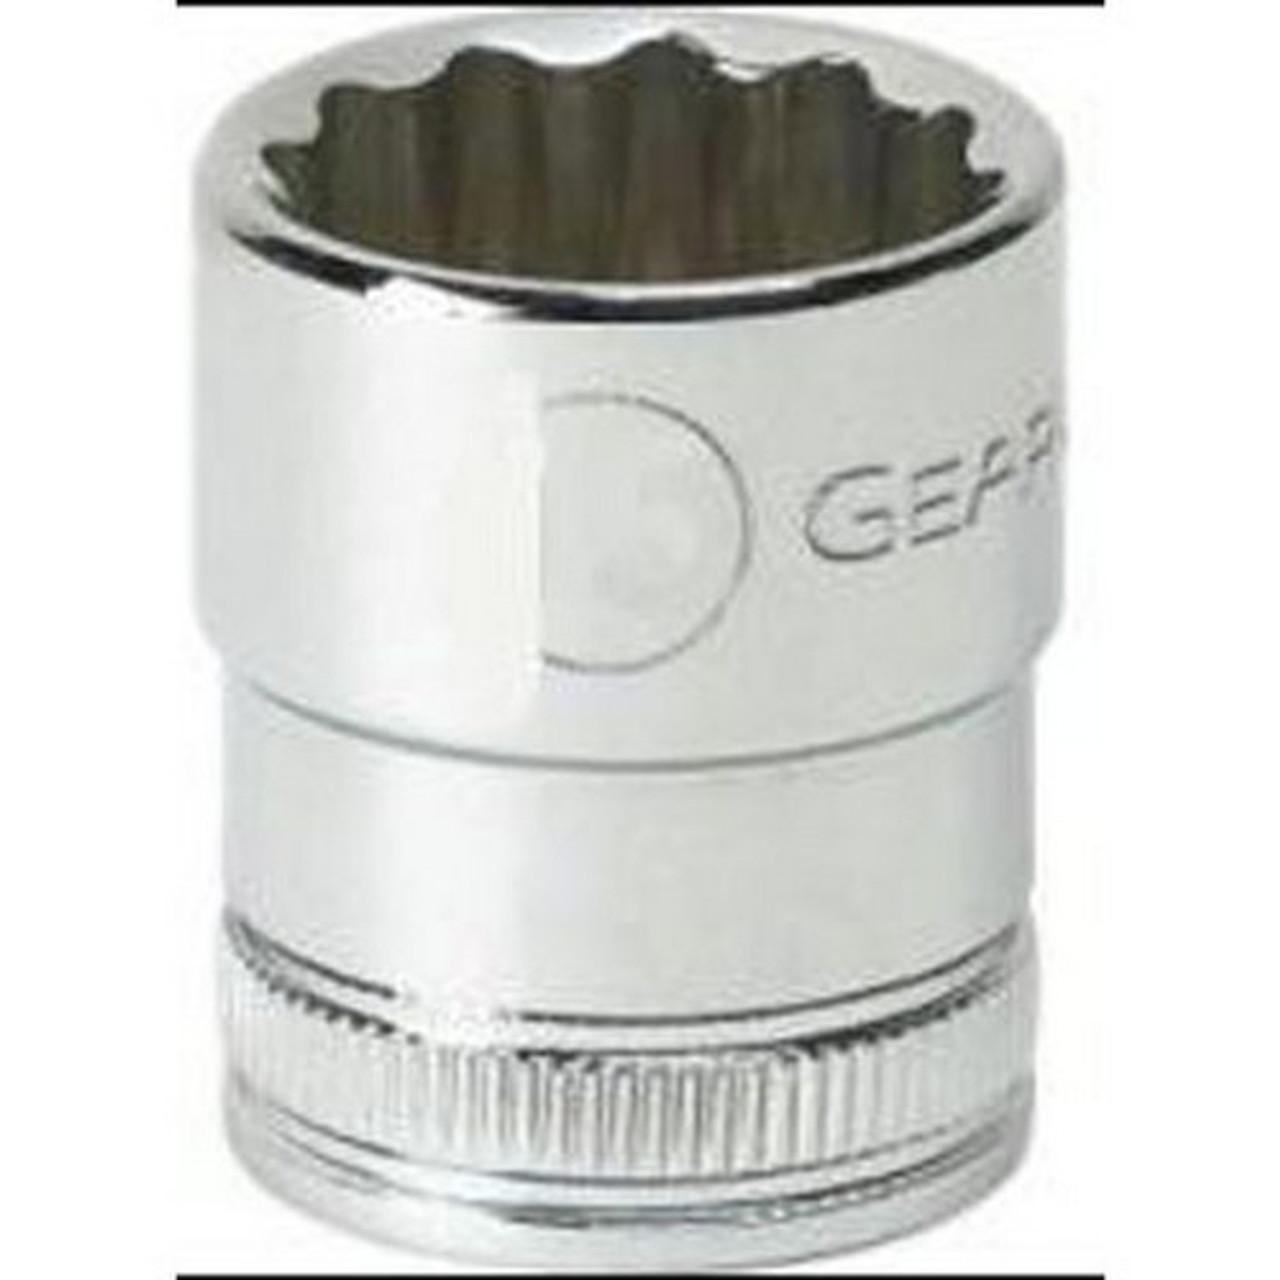 GearWrench 80749 Standard Socket 14mm